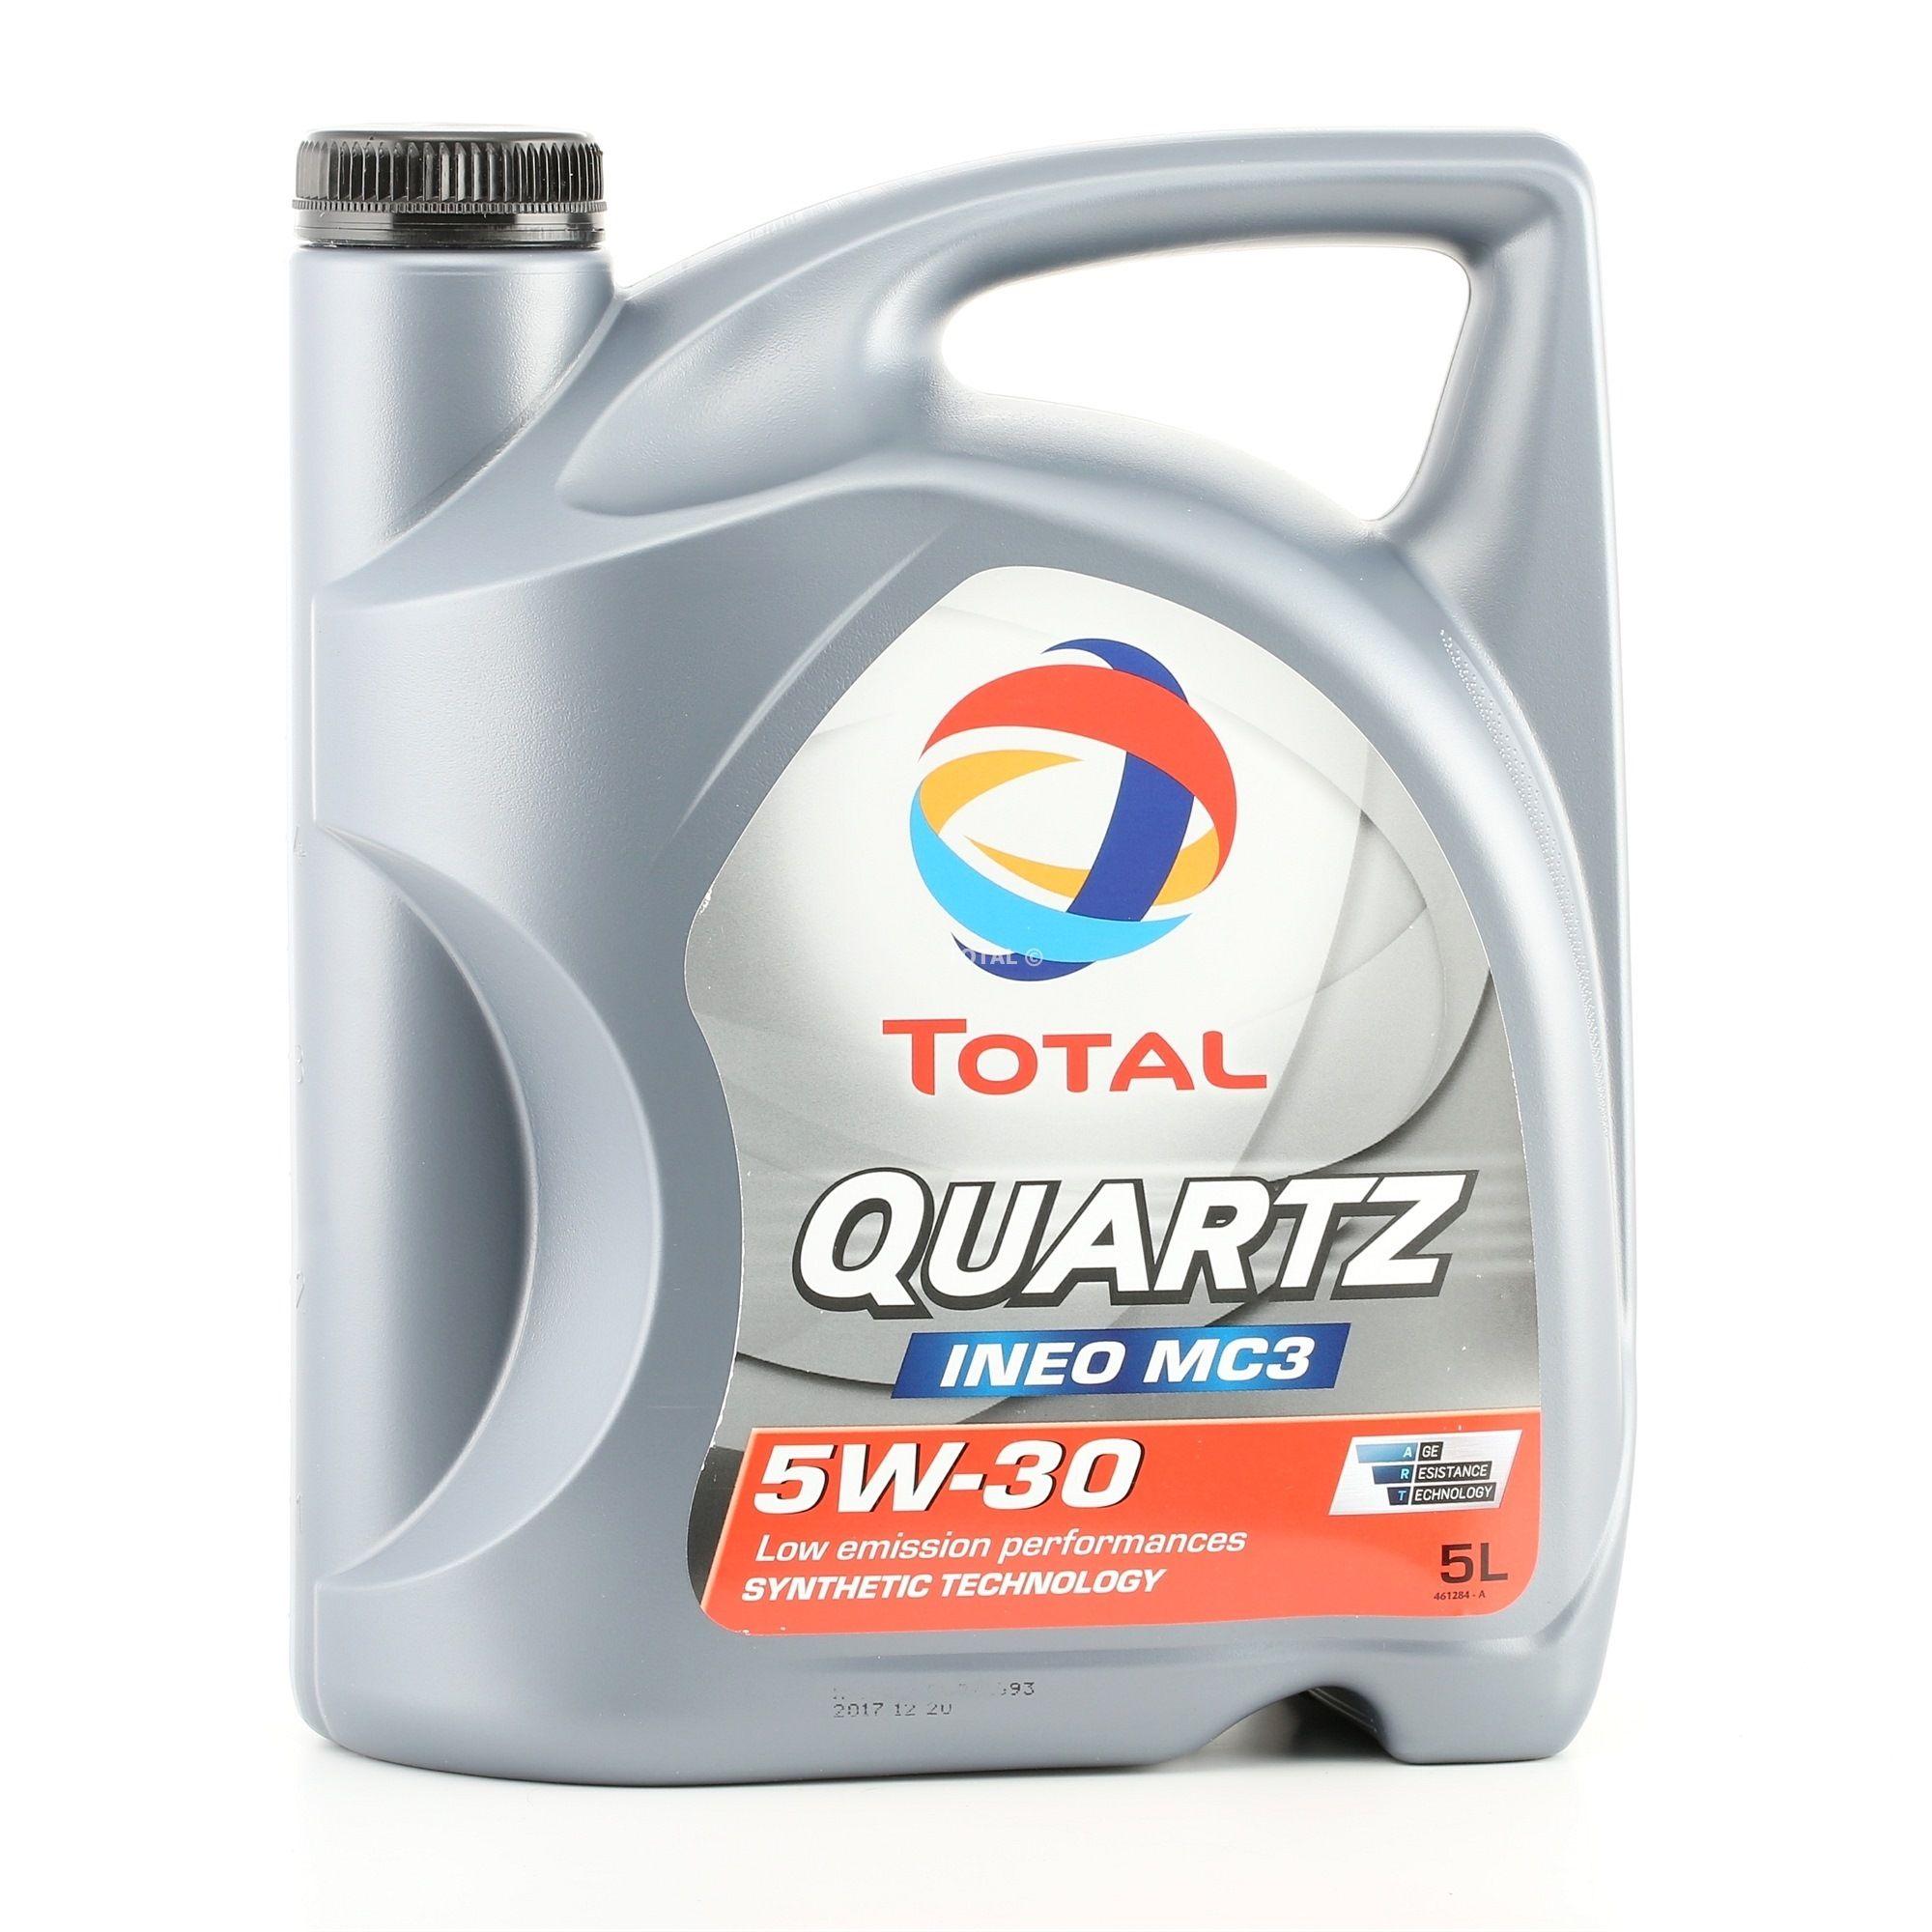 Achat de 0501CA224CJ1468548 TOTAL Quartz, INEO MC3 5W-30, 5I, Huile synthétique Huile moteur 2204221 pas chères